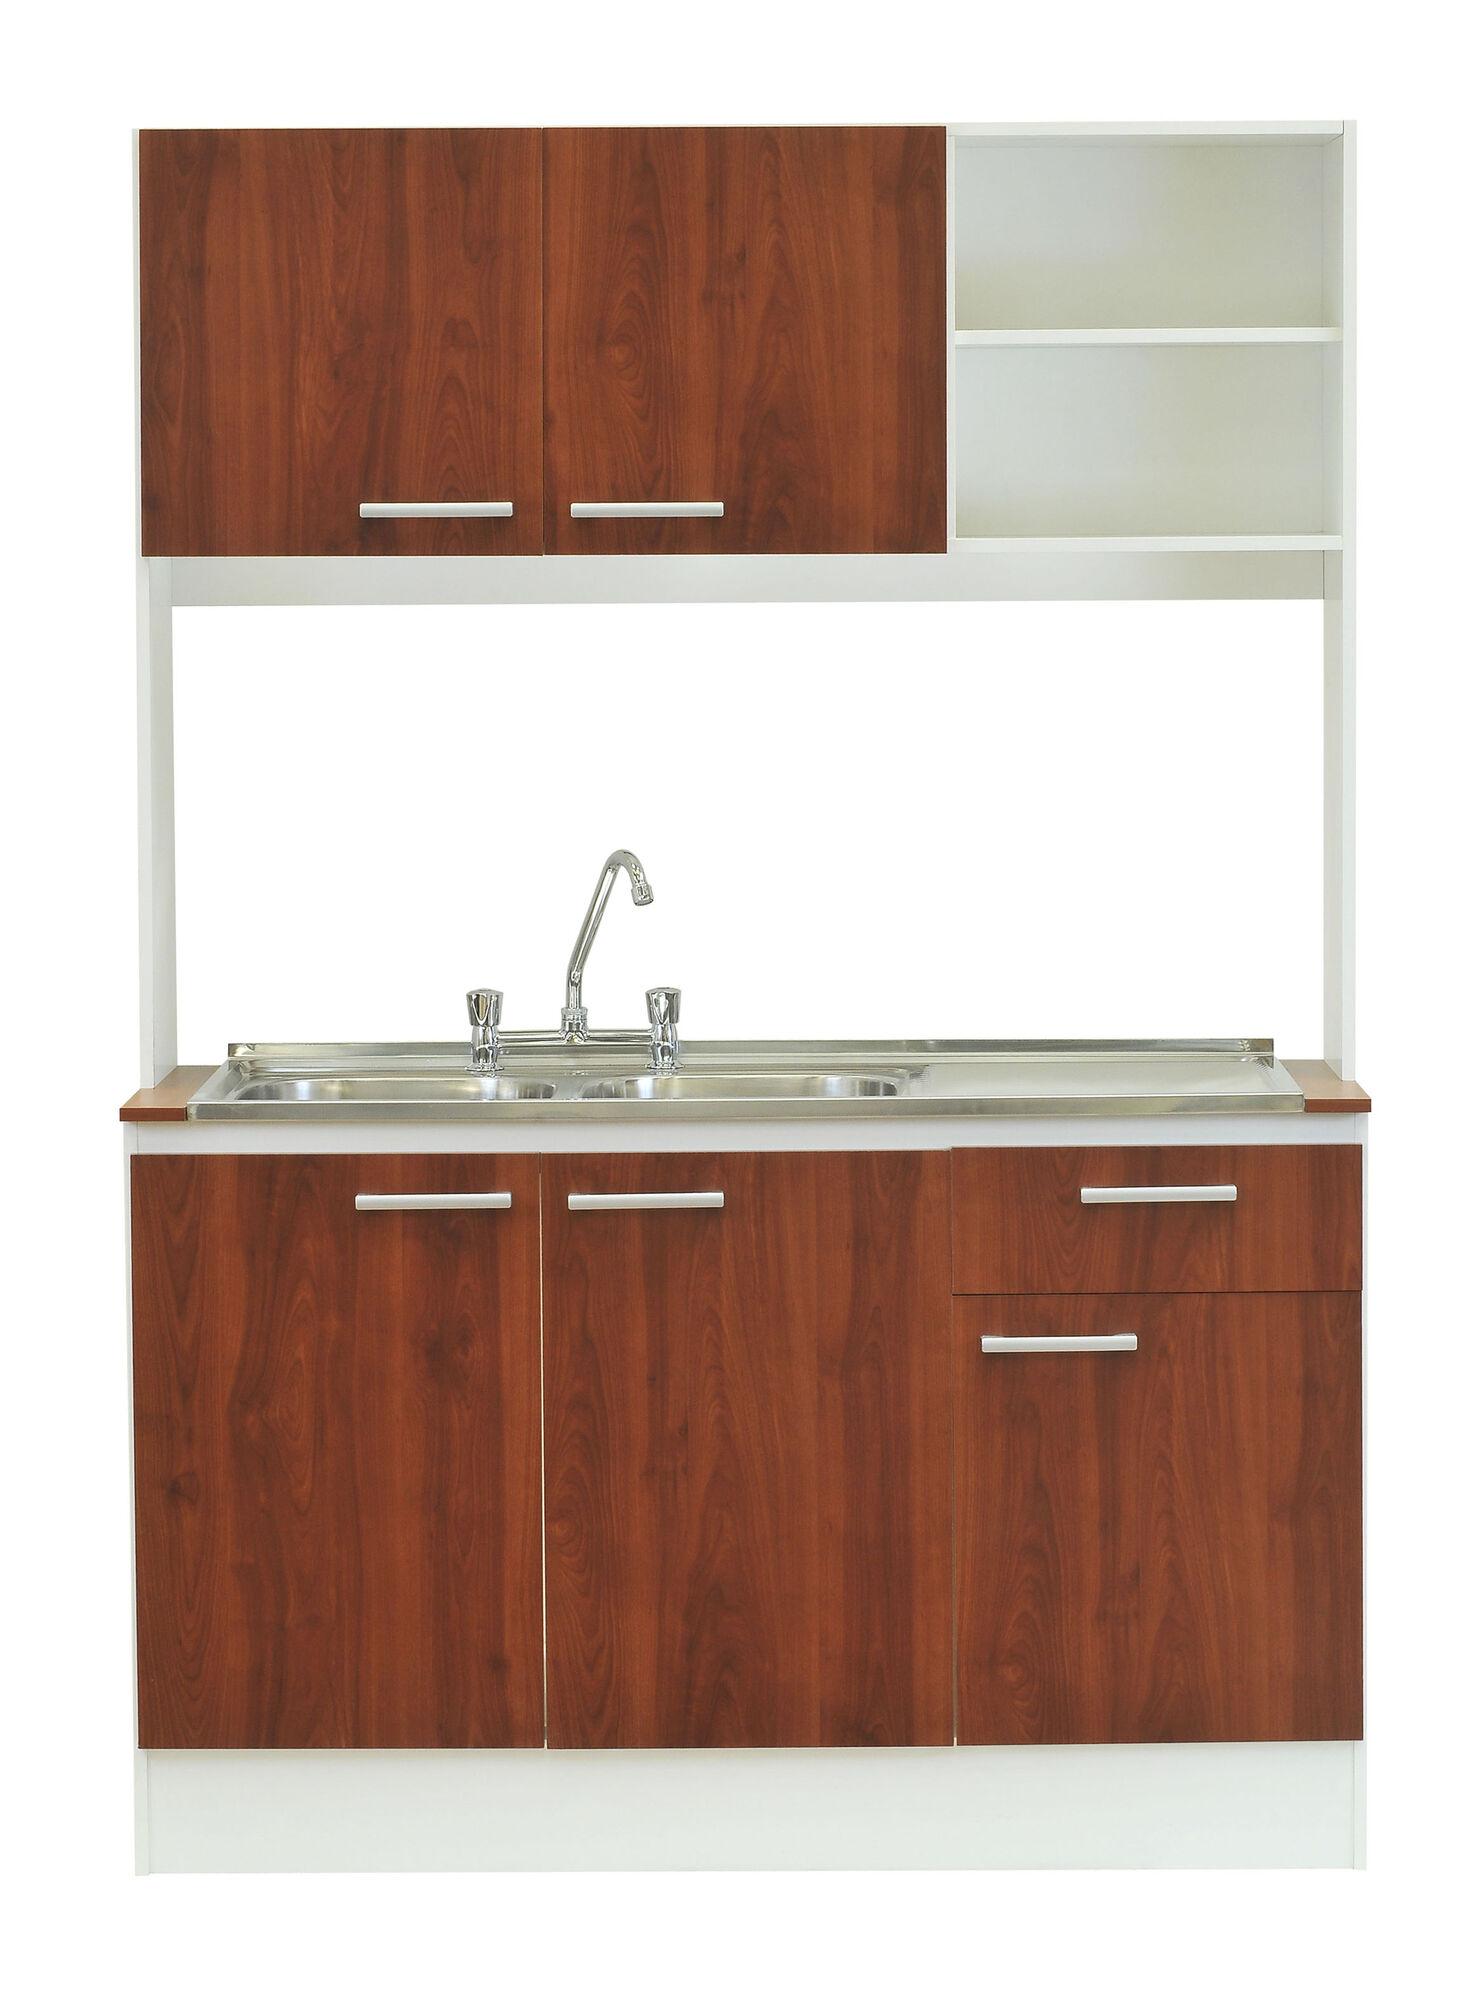 Kit Mueble de Cocina + Lavaplatos Doble Lonquimay Mobikit